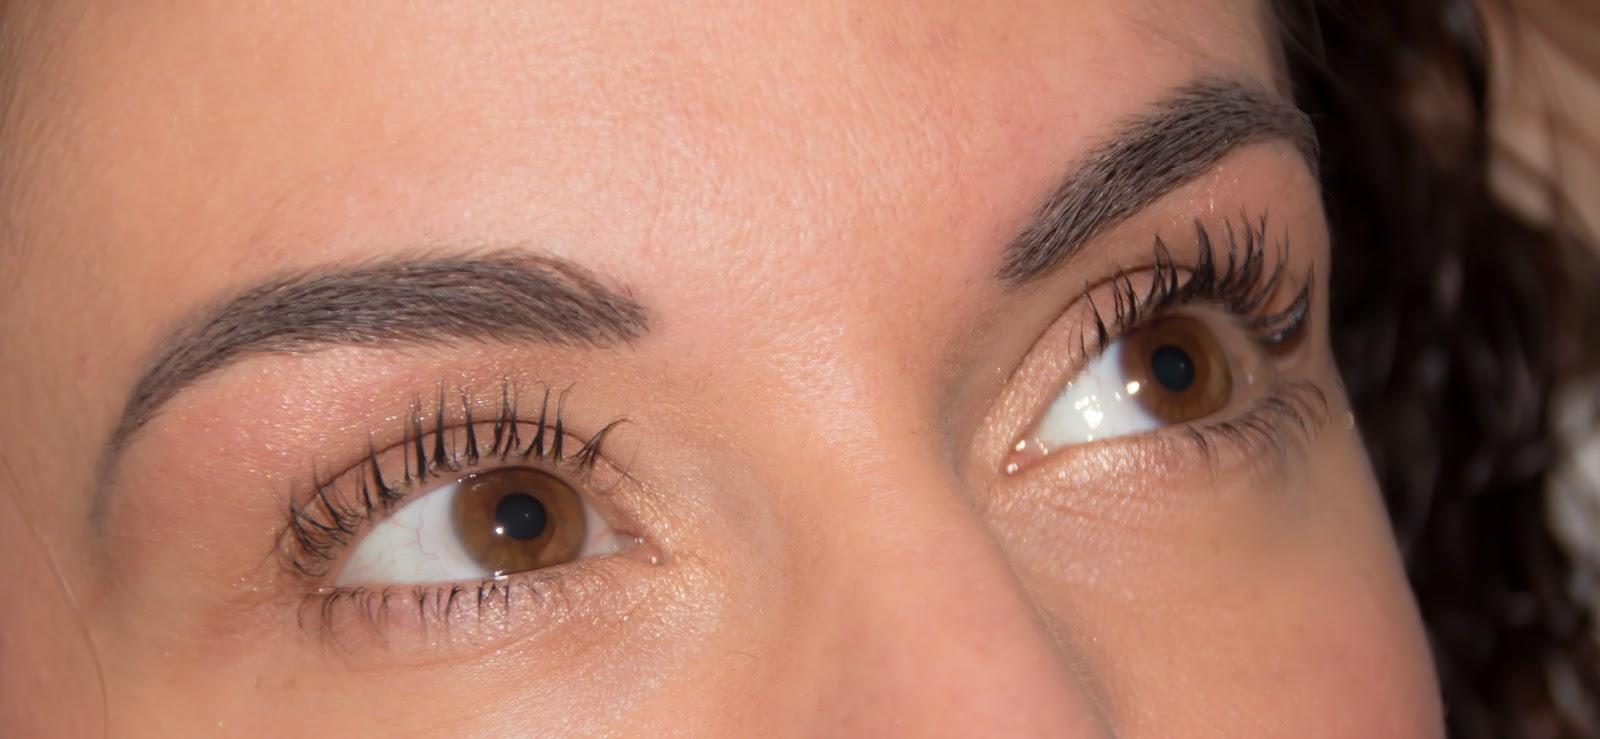 Des sourcils parfaits avec L'Atelier Maquillage Paris